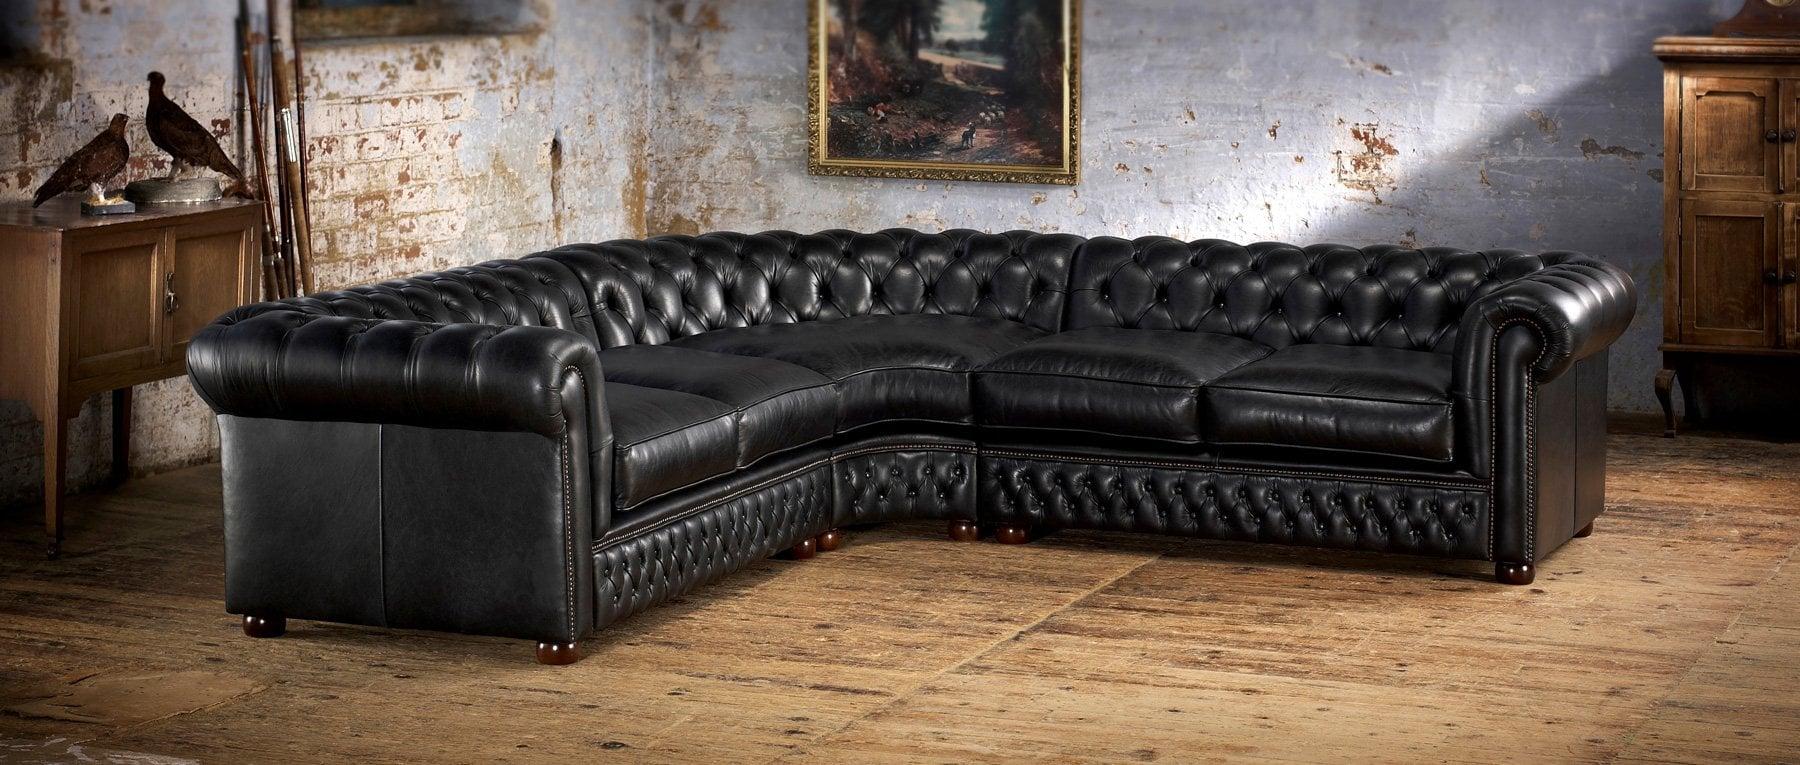 Uvanlig Timeless Chesterfields | Handcrafted, Artisan Furniture TJ-24